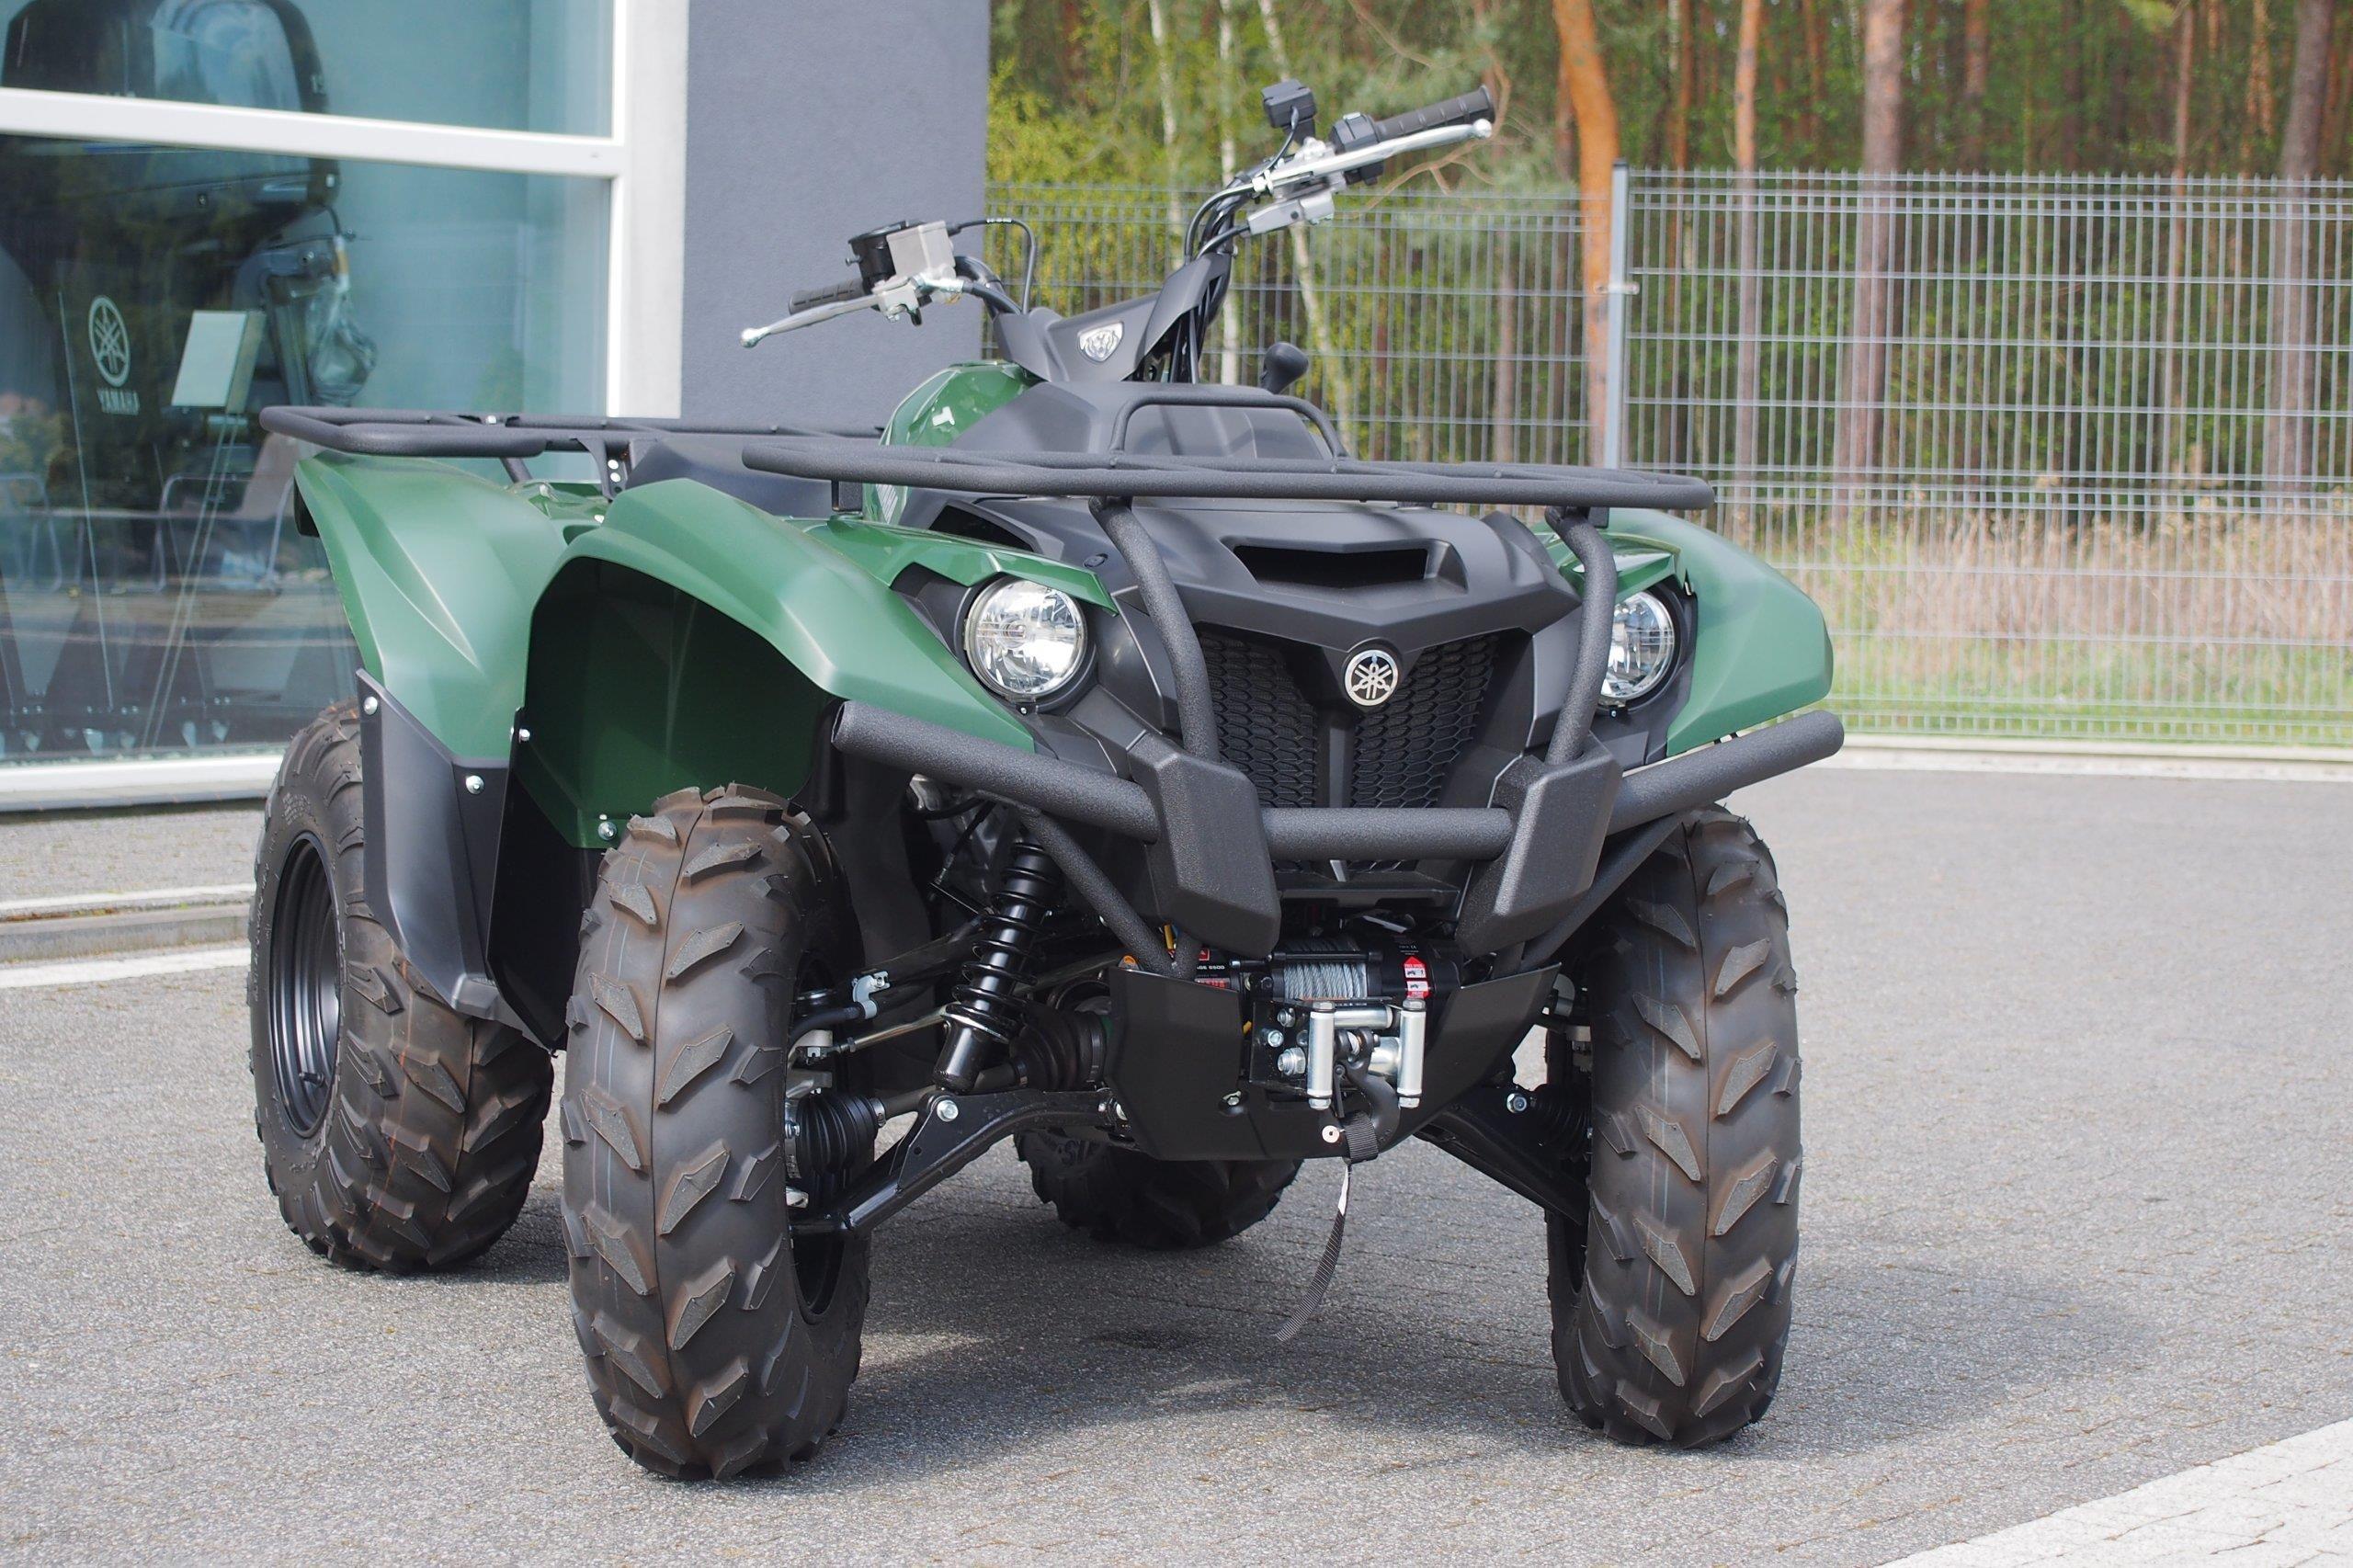 Quad Yamaha Kodiak 450 Yfm450 Ze Wspomaganiem Opinie I Ceny Na Ceneo Pl